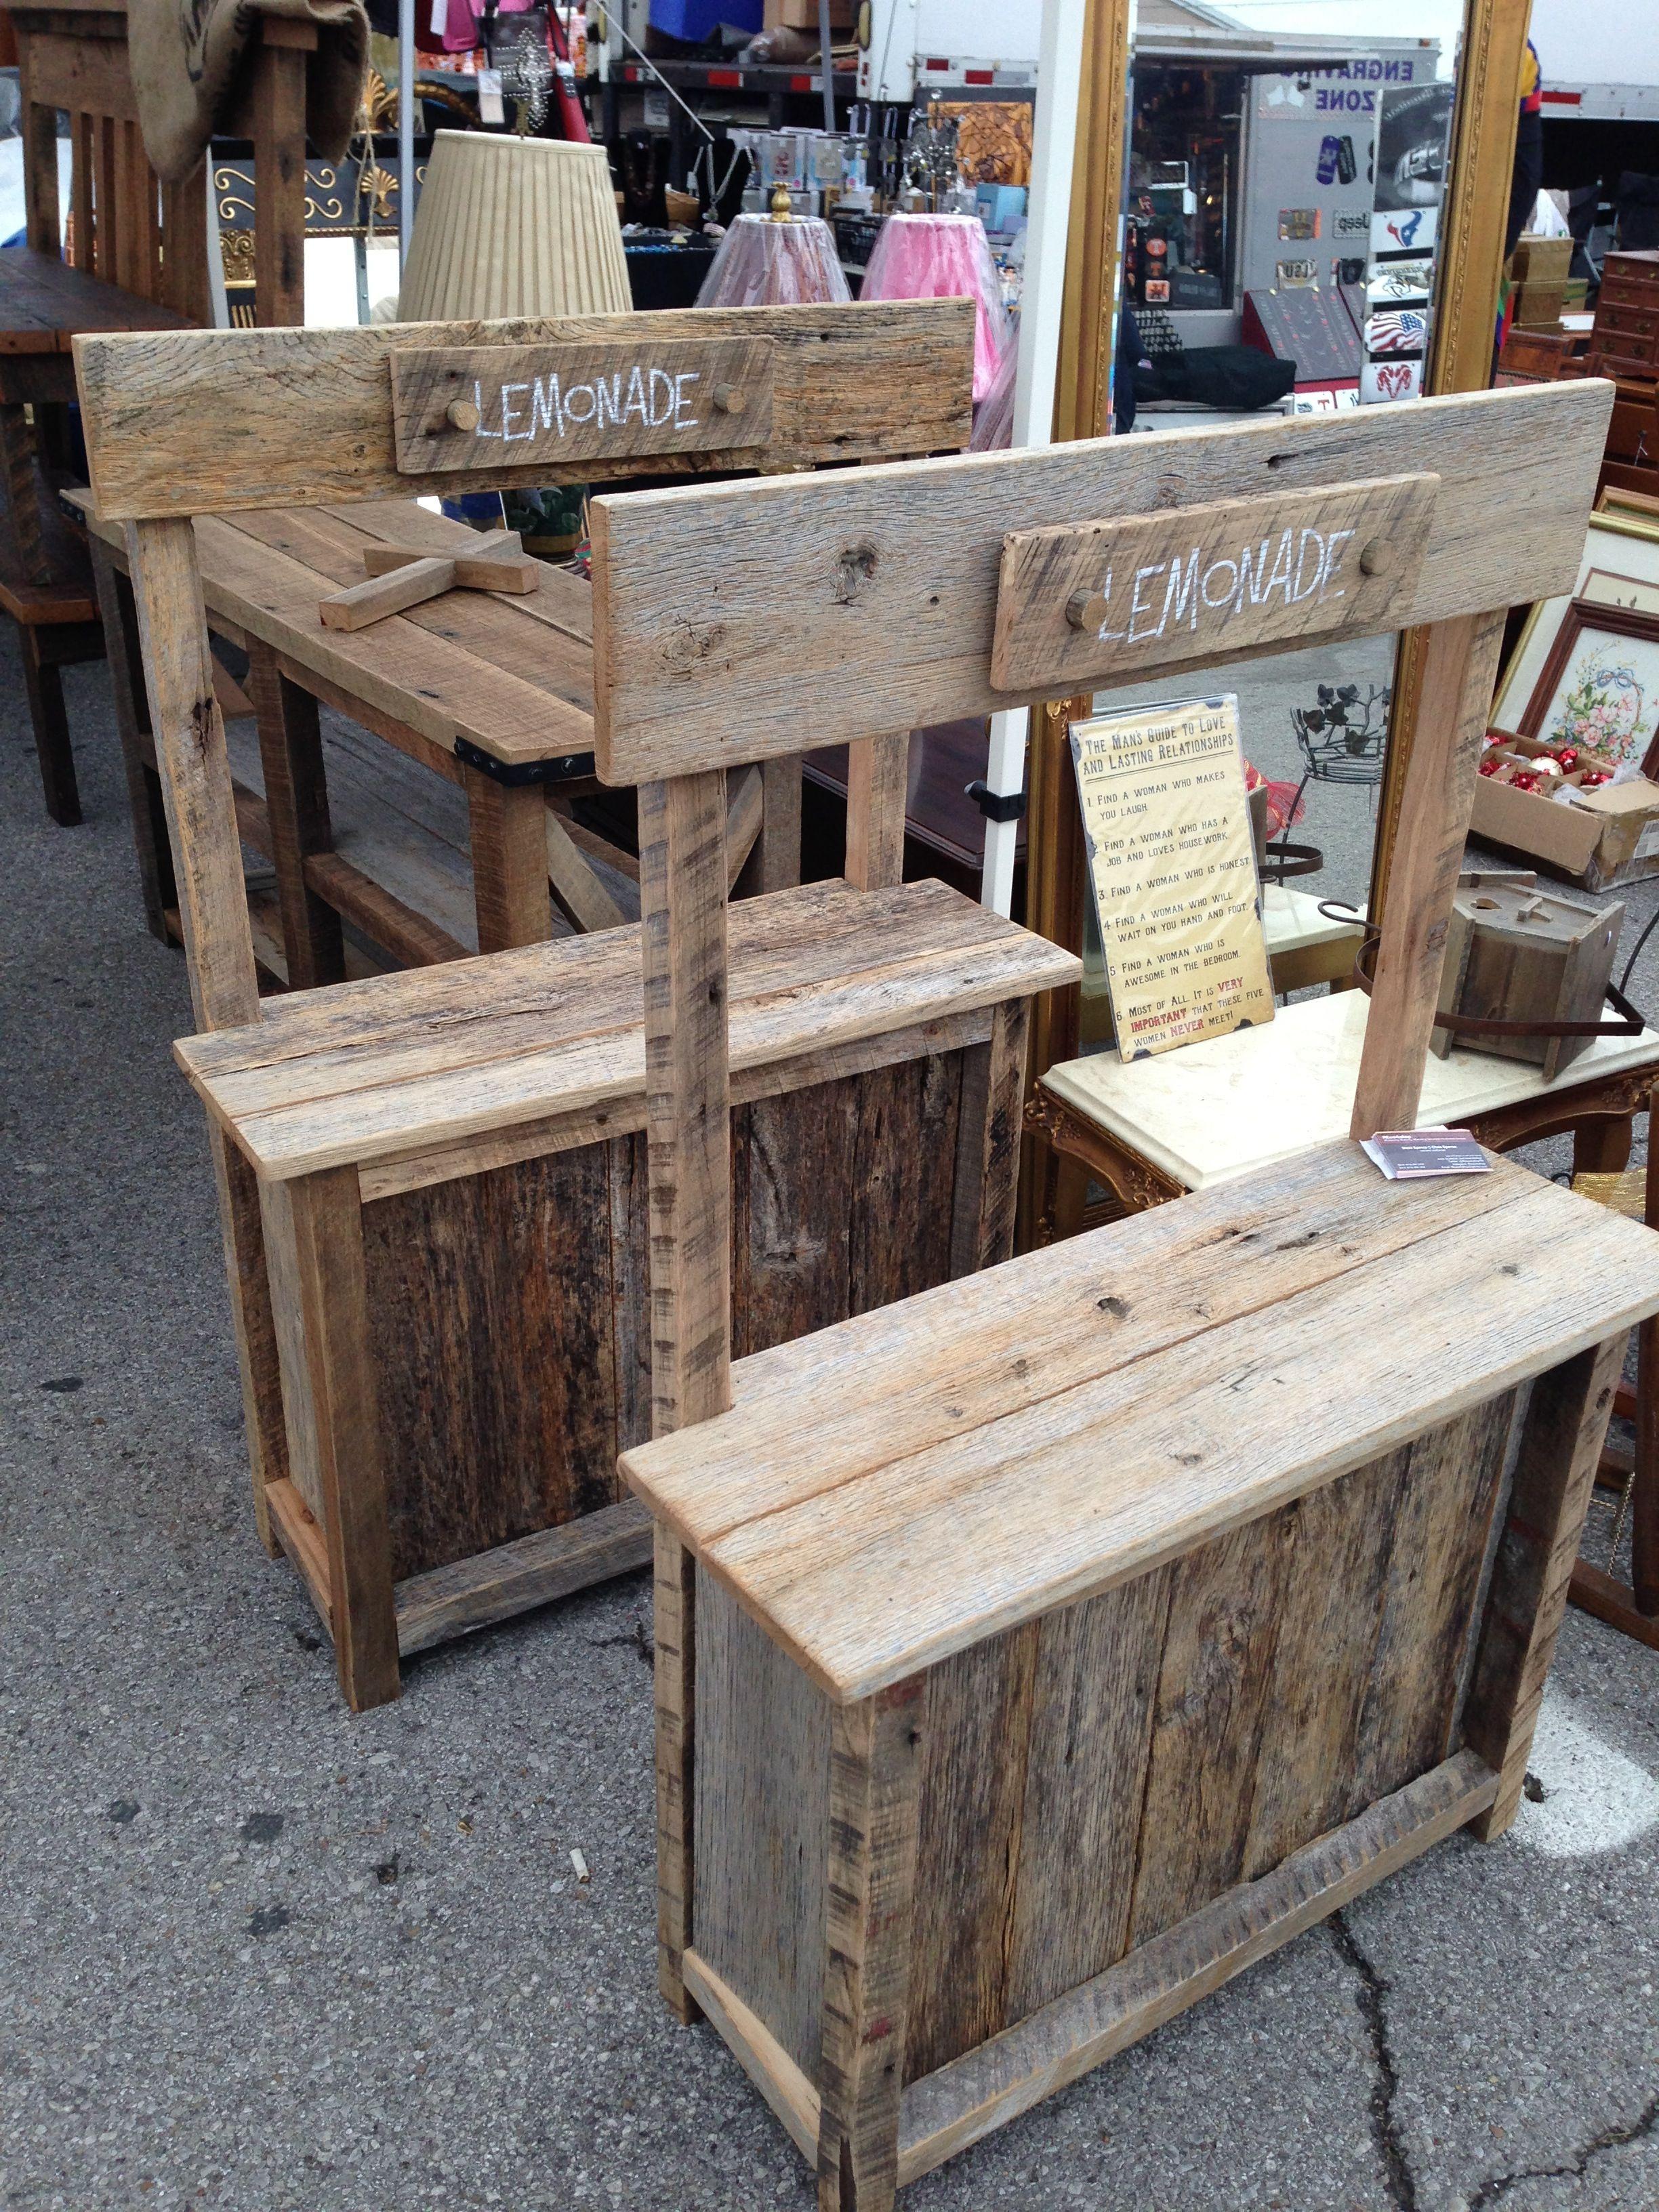 Lemonade Stands Kids 125 Furniture Holz